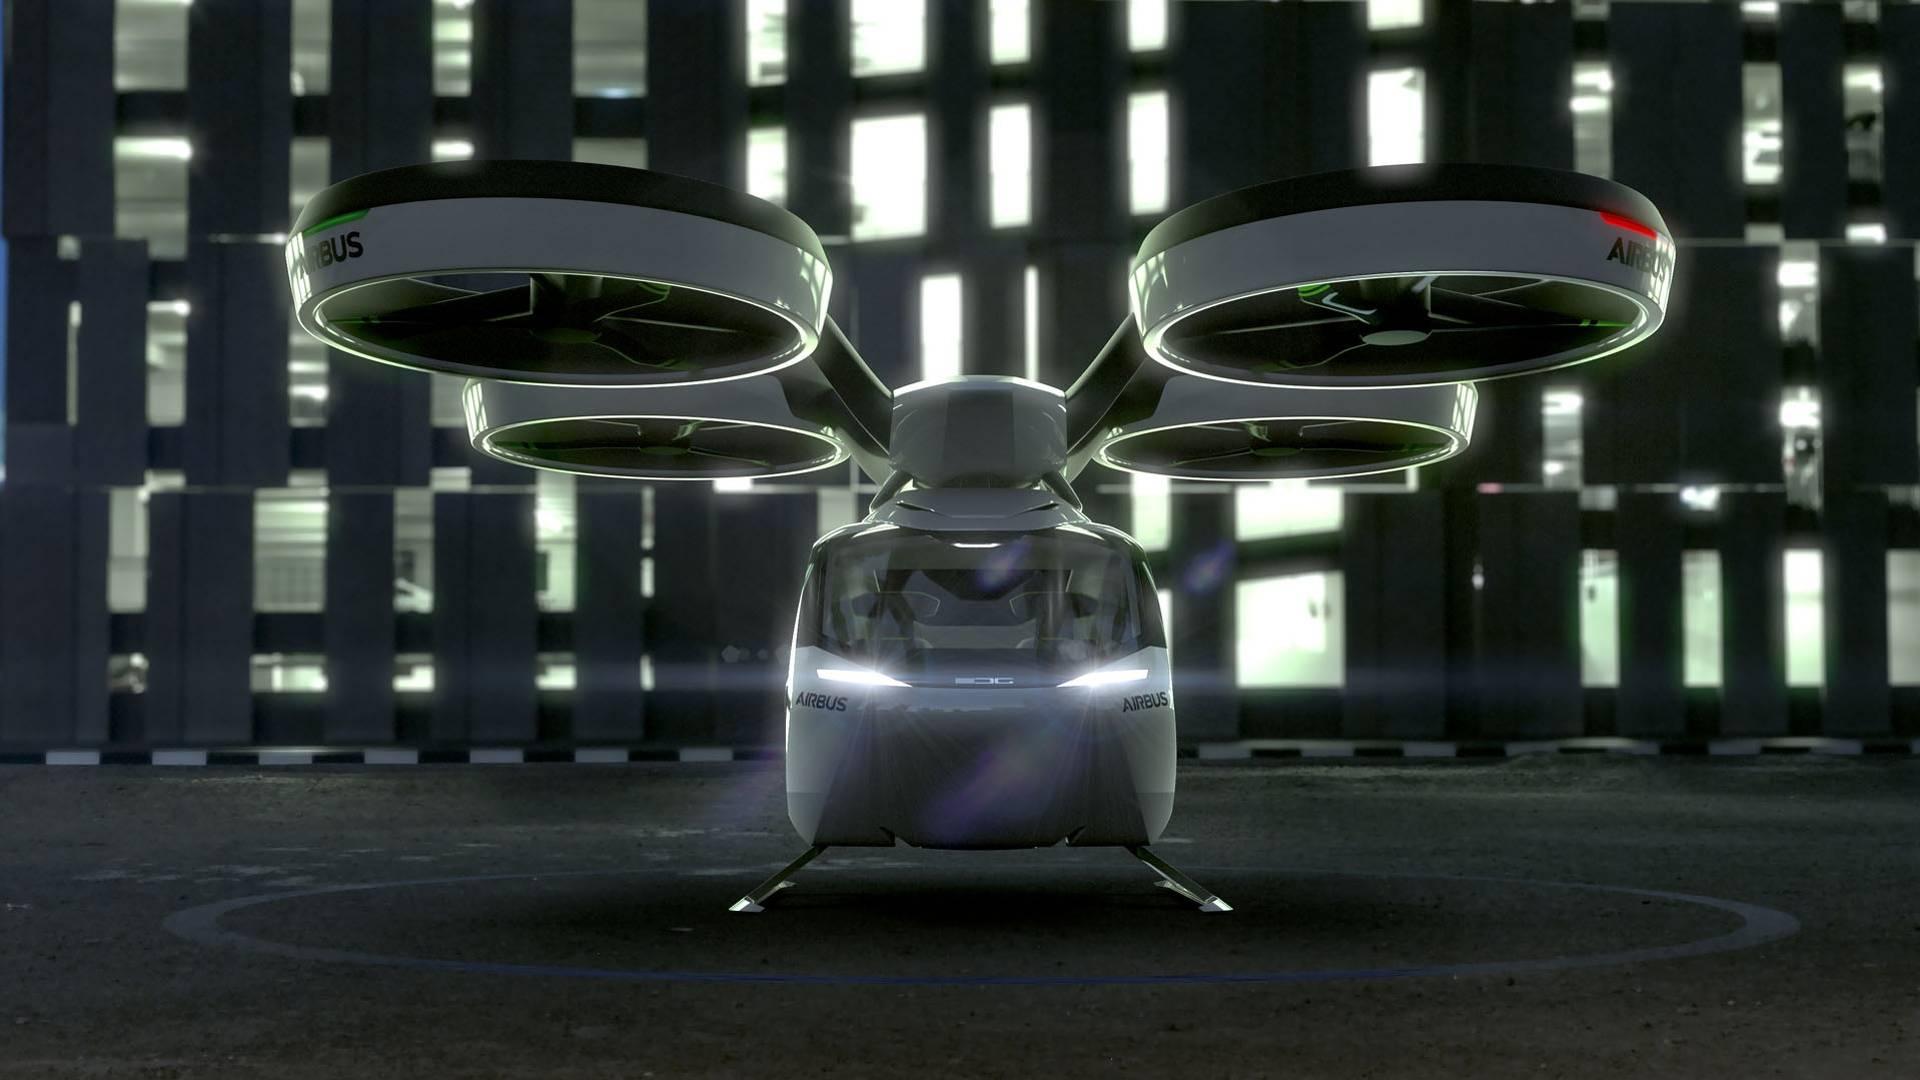 Audi Airbus ItalDesign Pop.Up Next concept (4)